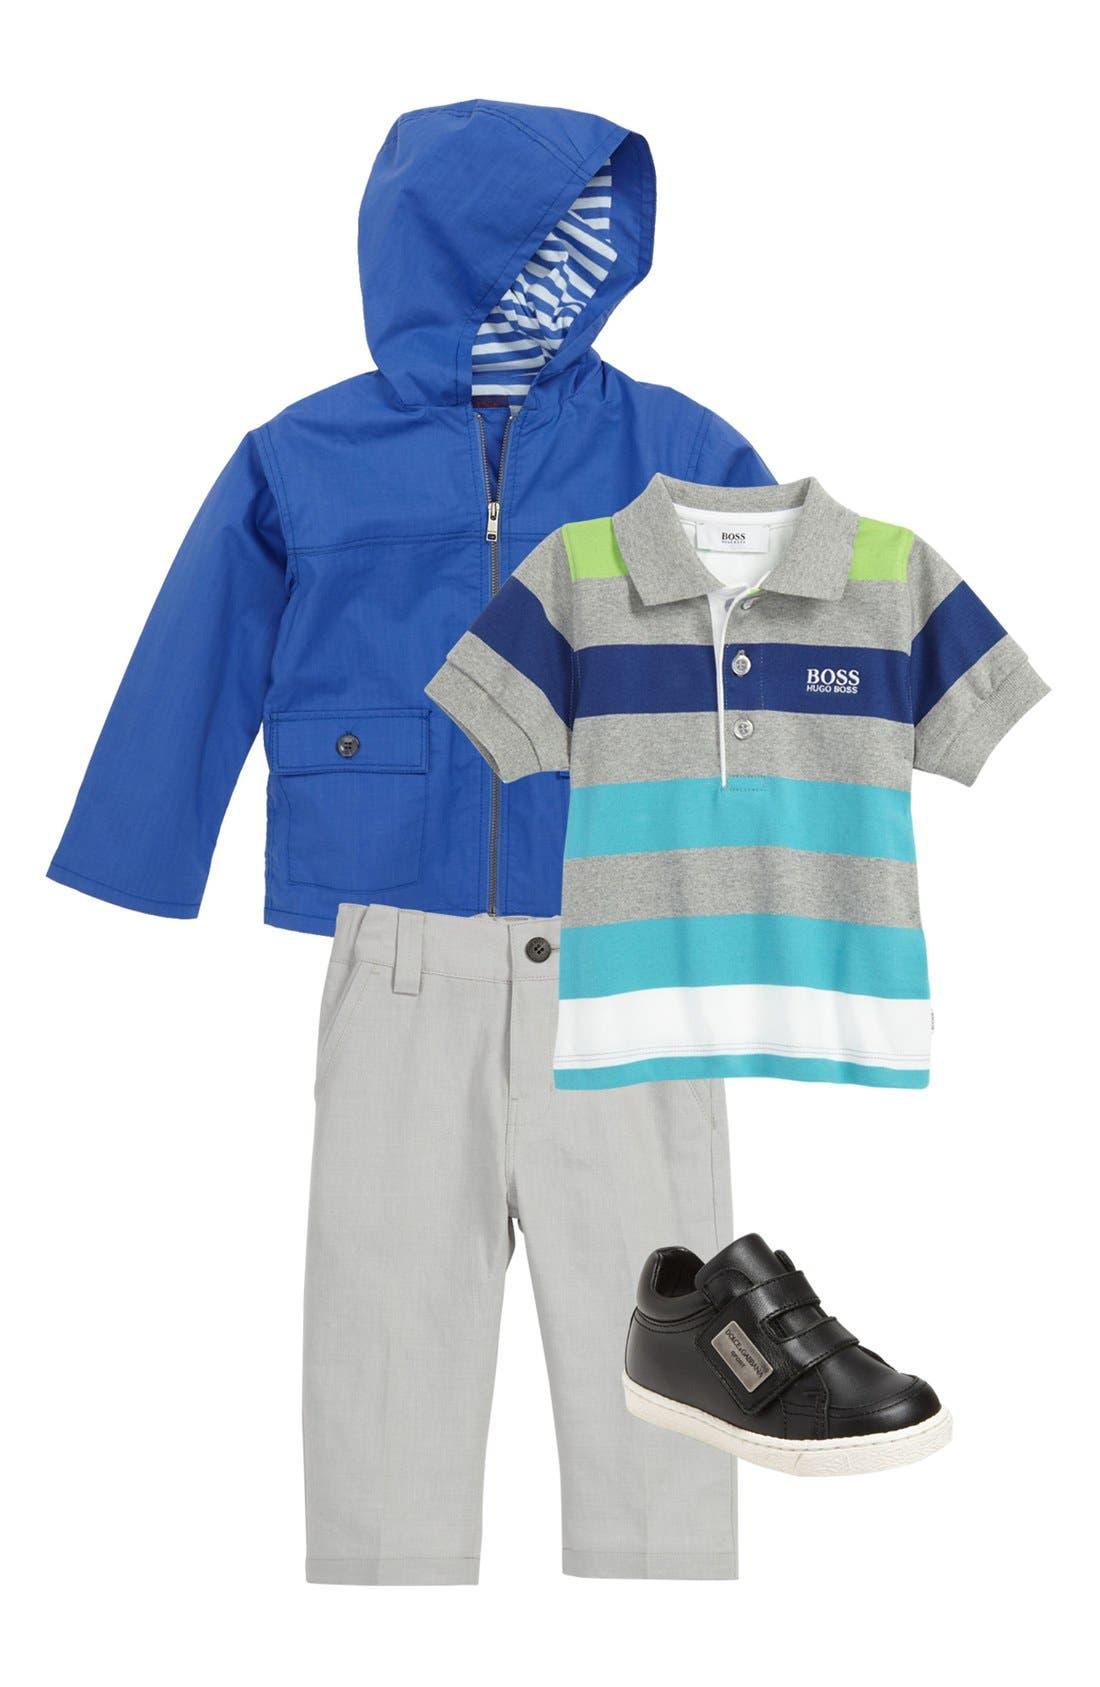 Main Image - BOSS Kidswear Polo & Pants, Paul Smith Junior Sneaker & Dolce&Gabbana Sneaker (Infant)